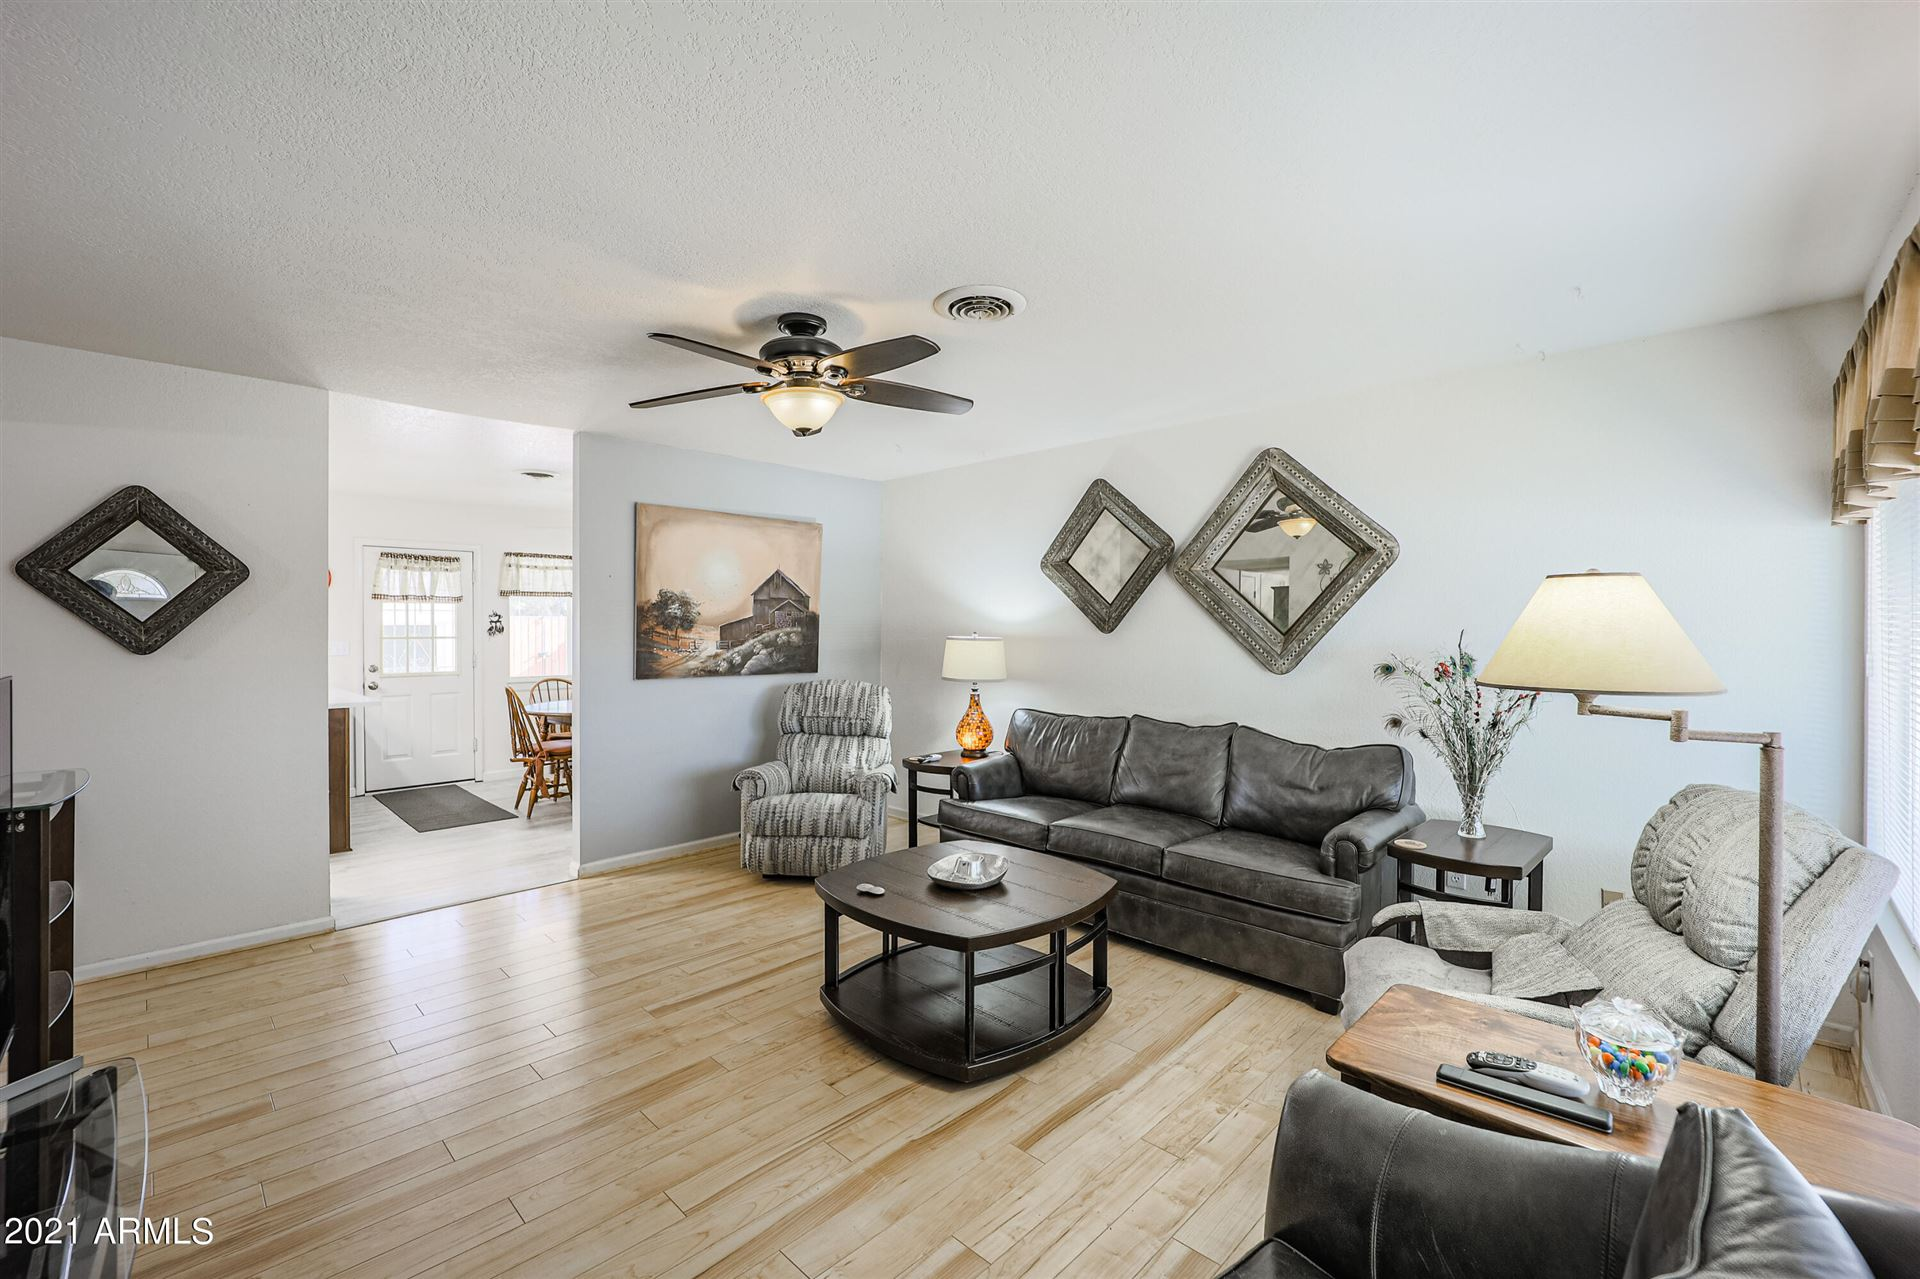 Photo of 153 PERETZ Circle, Morristown, AZ 85342 (MLS # 6216966)